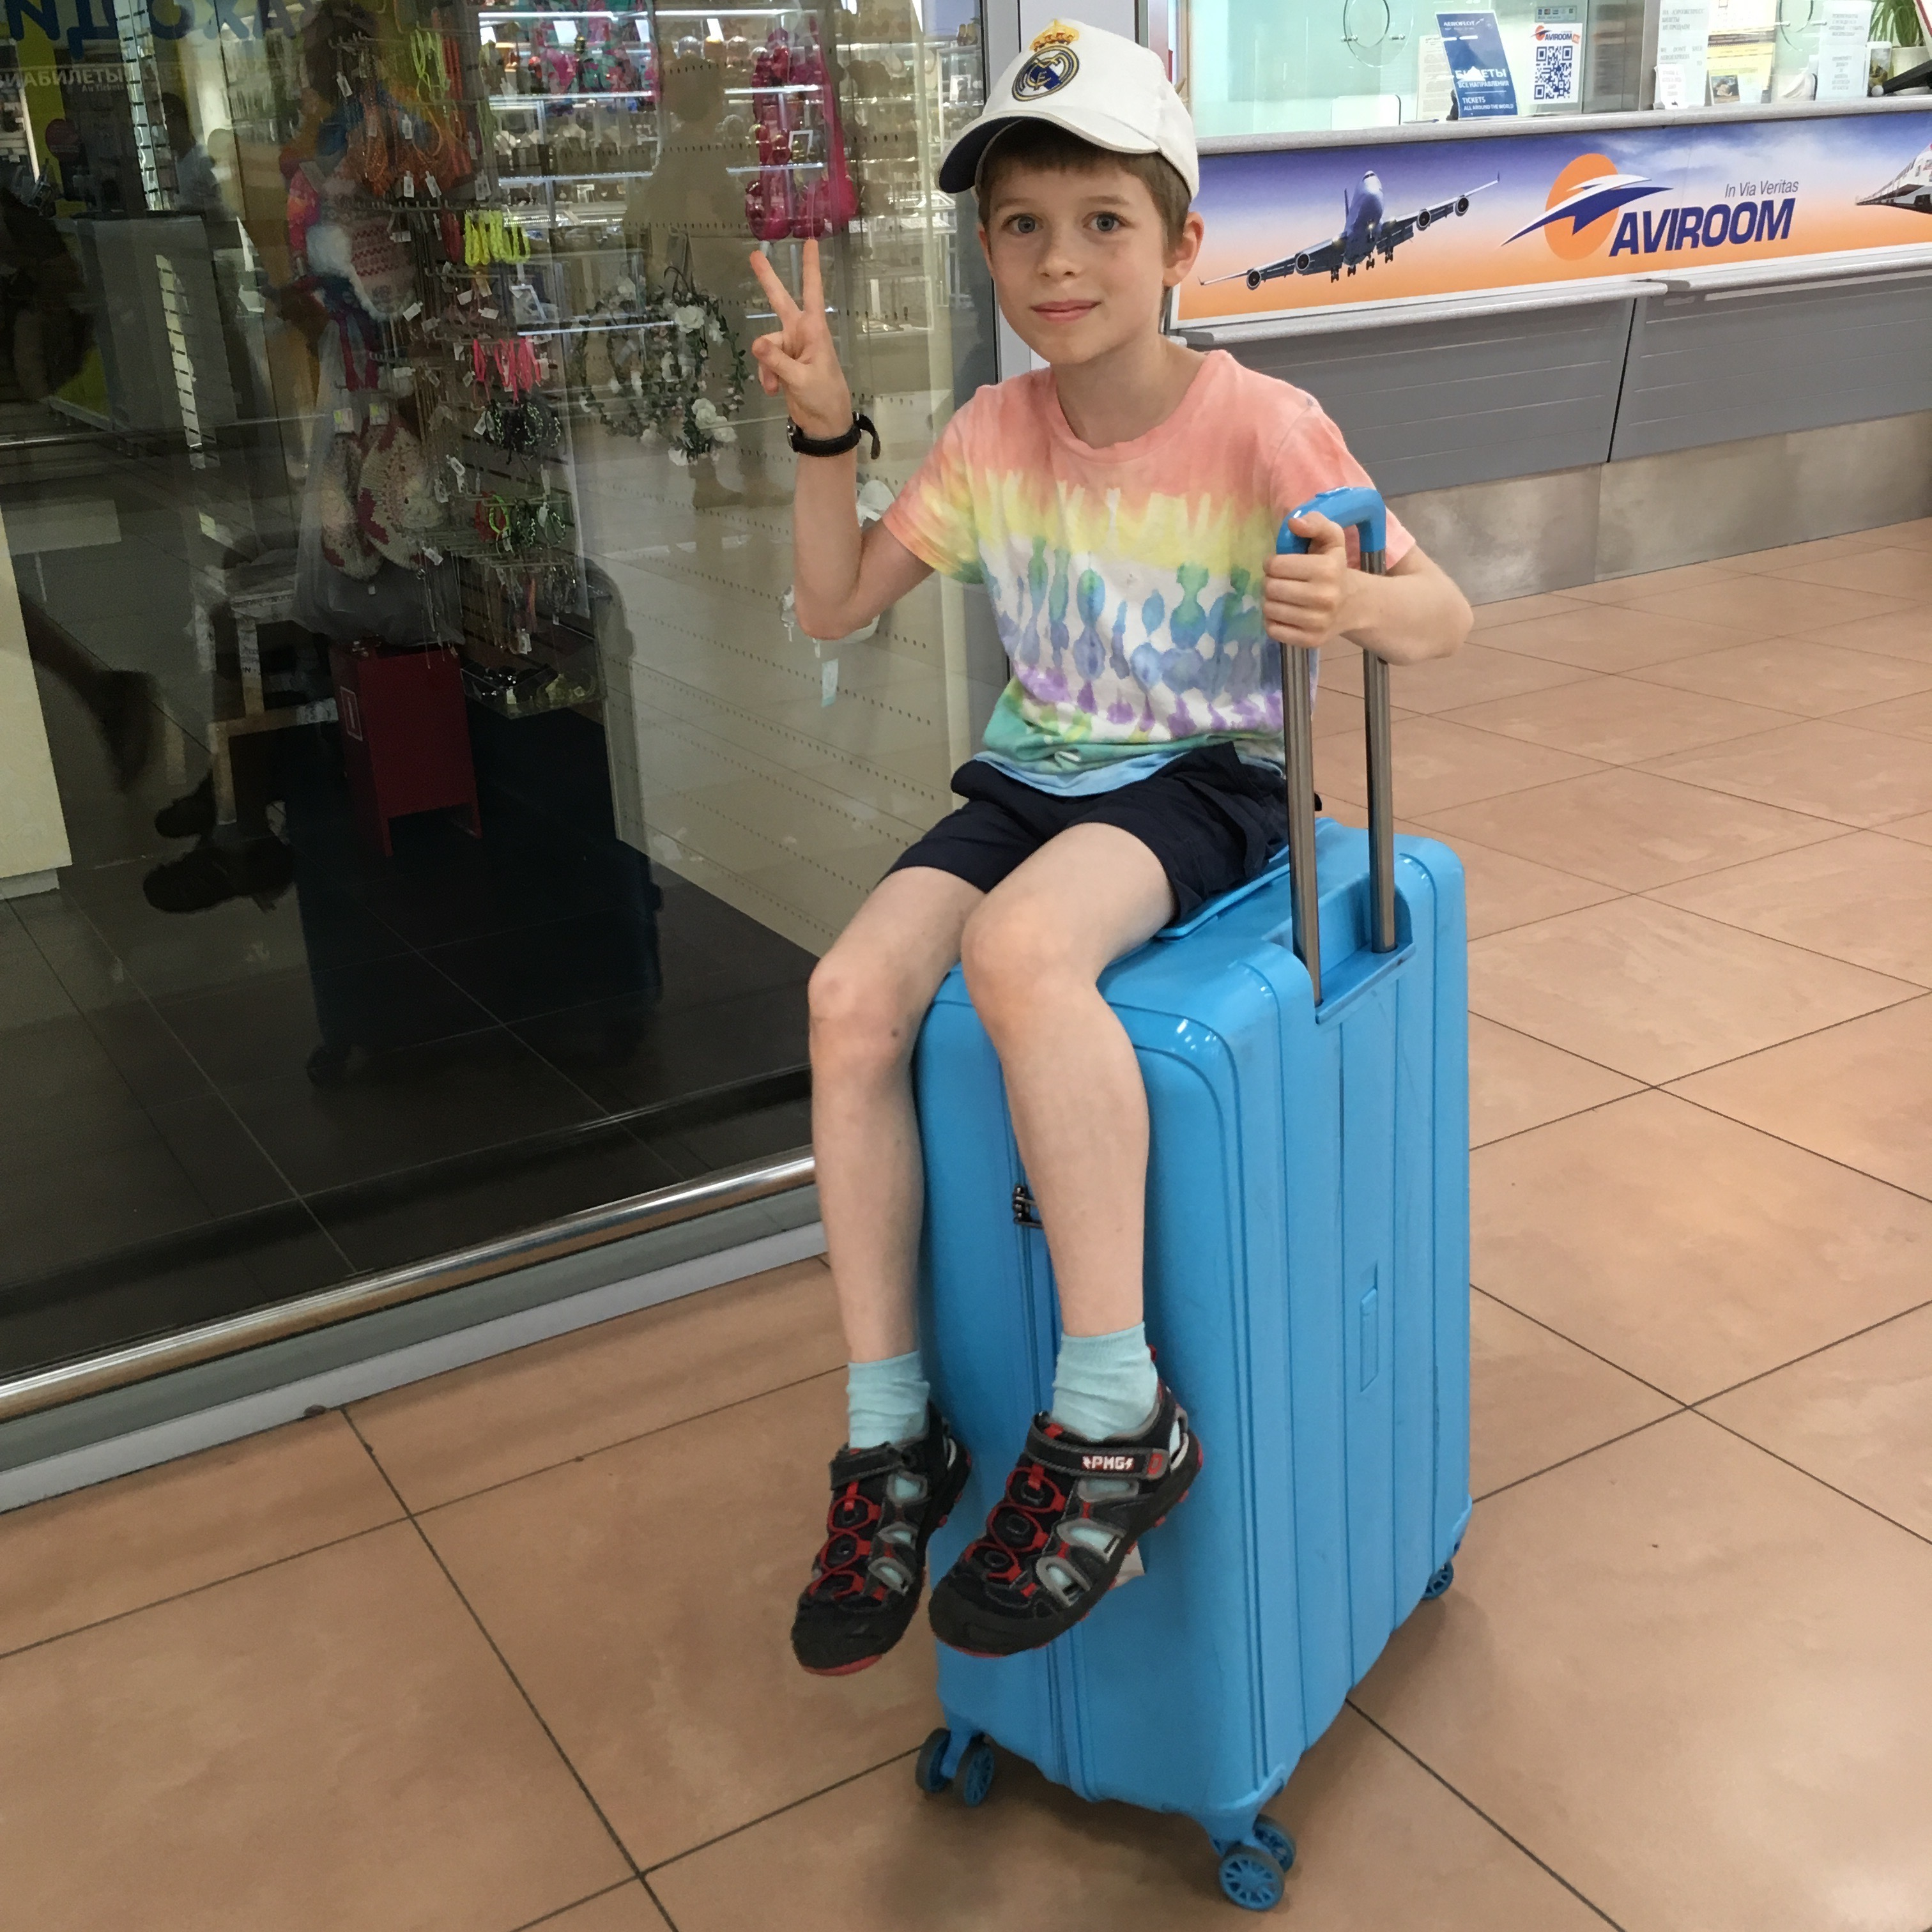 На фото: мой сын, которому год после переезда на чужбину пришлось жить на чемодане. Грустноватый вид у парня.